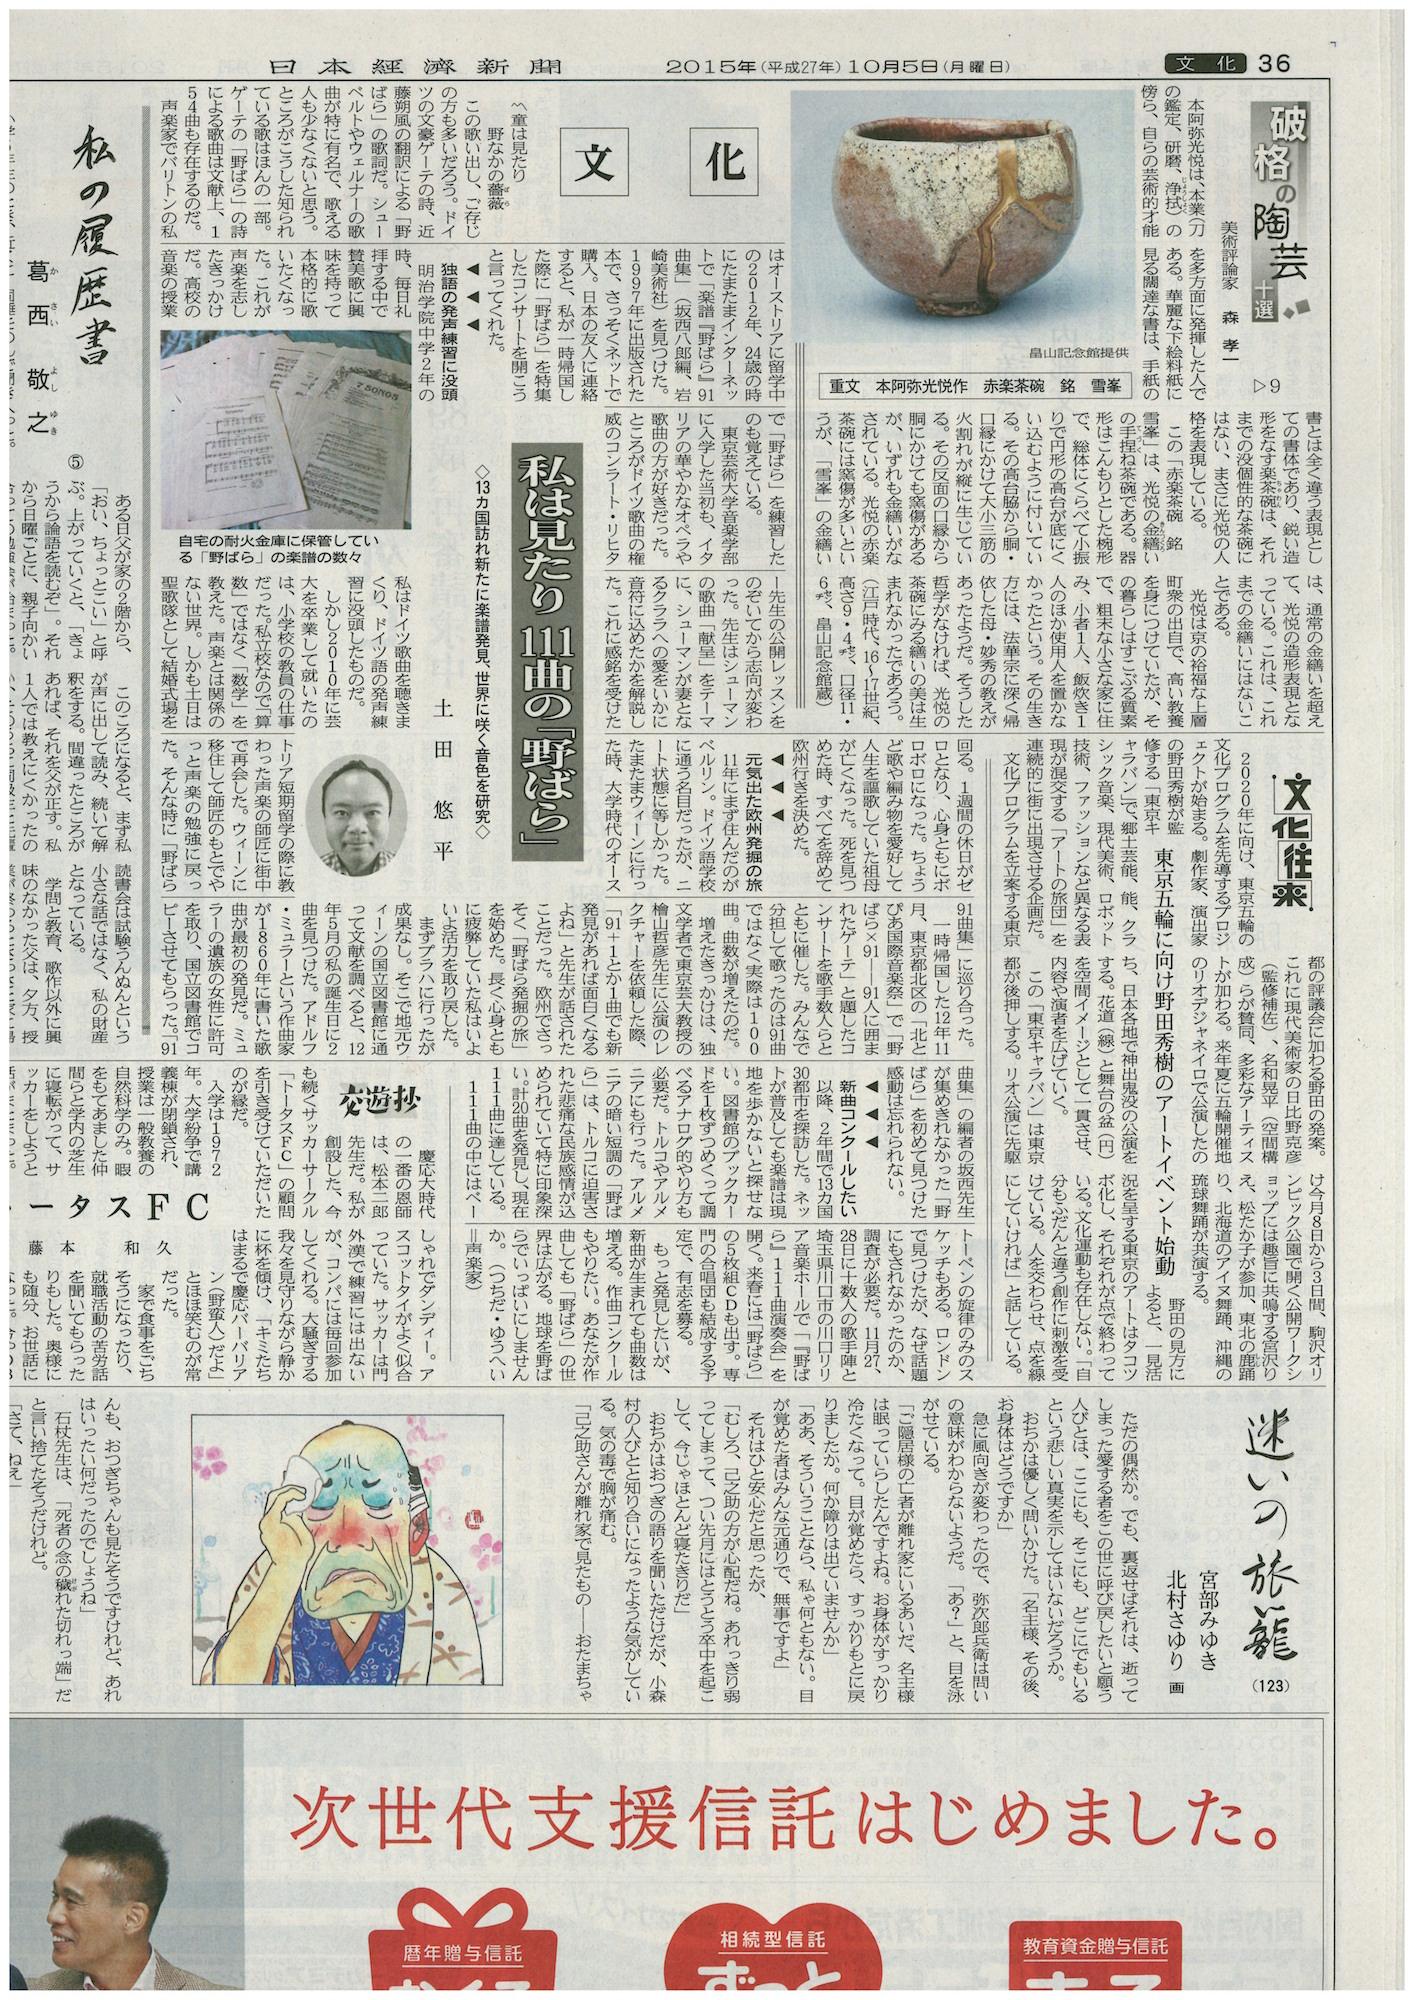 日本経済新聞 本文